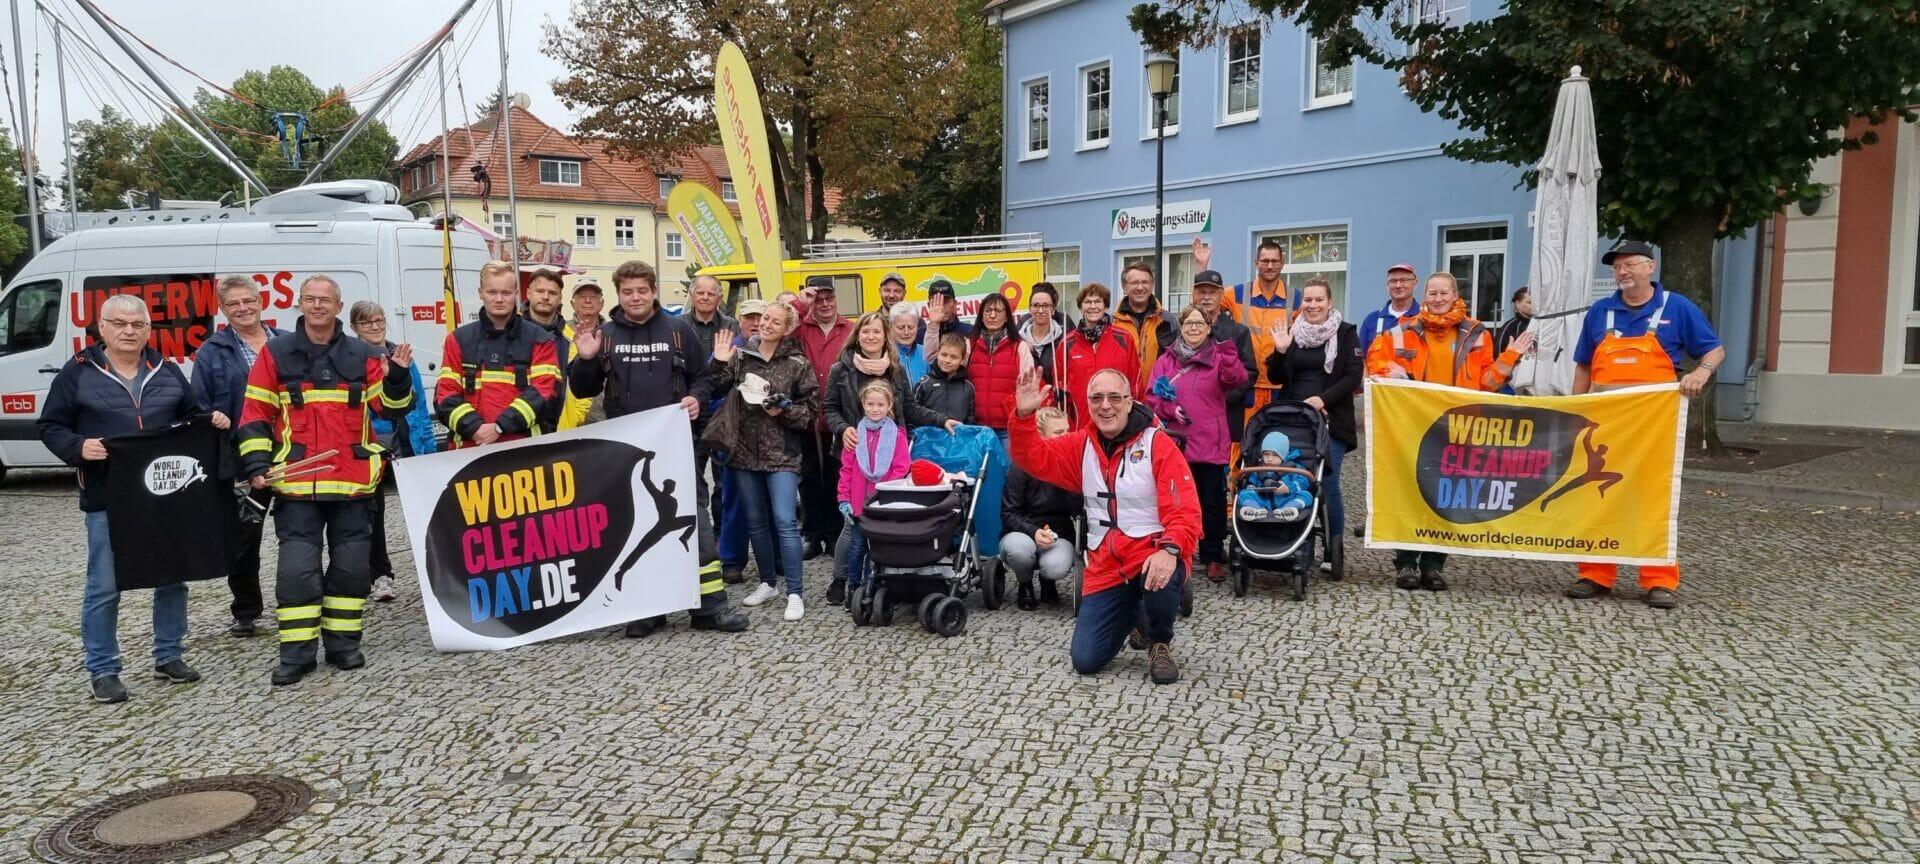 Seelow räumt auf! Für eine saubere Stadt und Region (Landkreis Märkisch-Oderland)